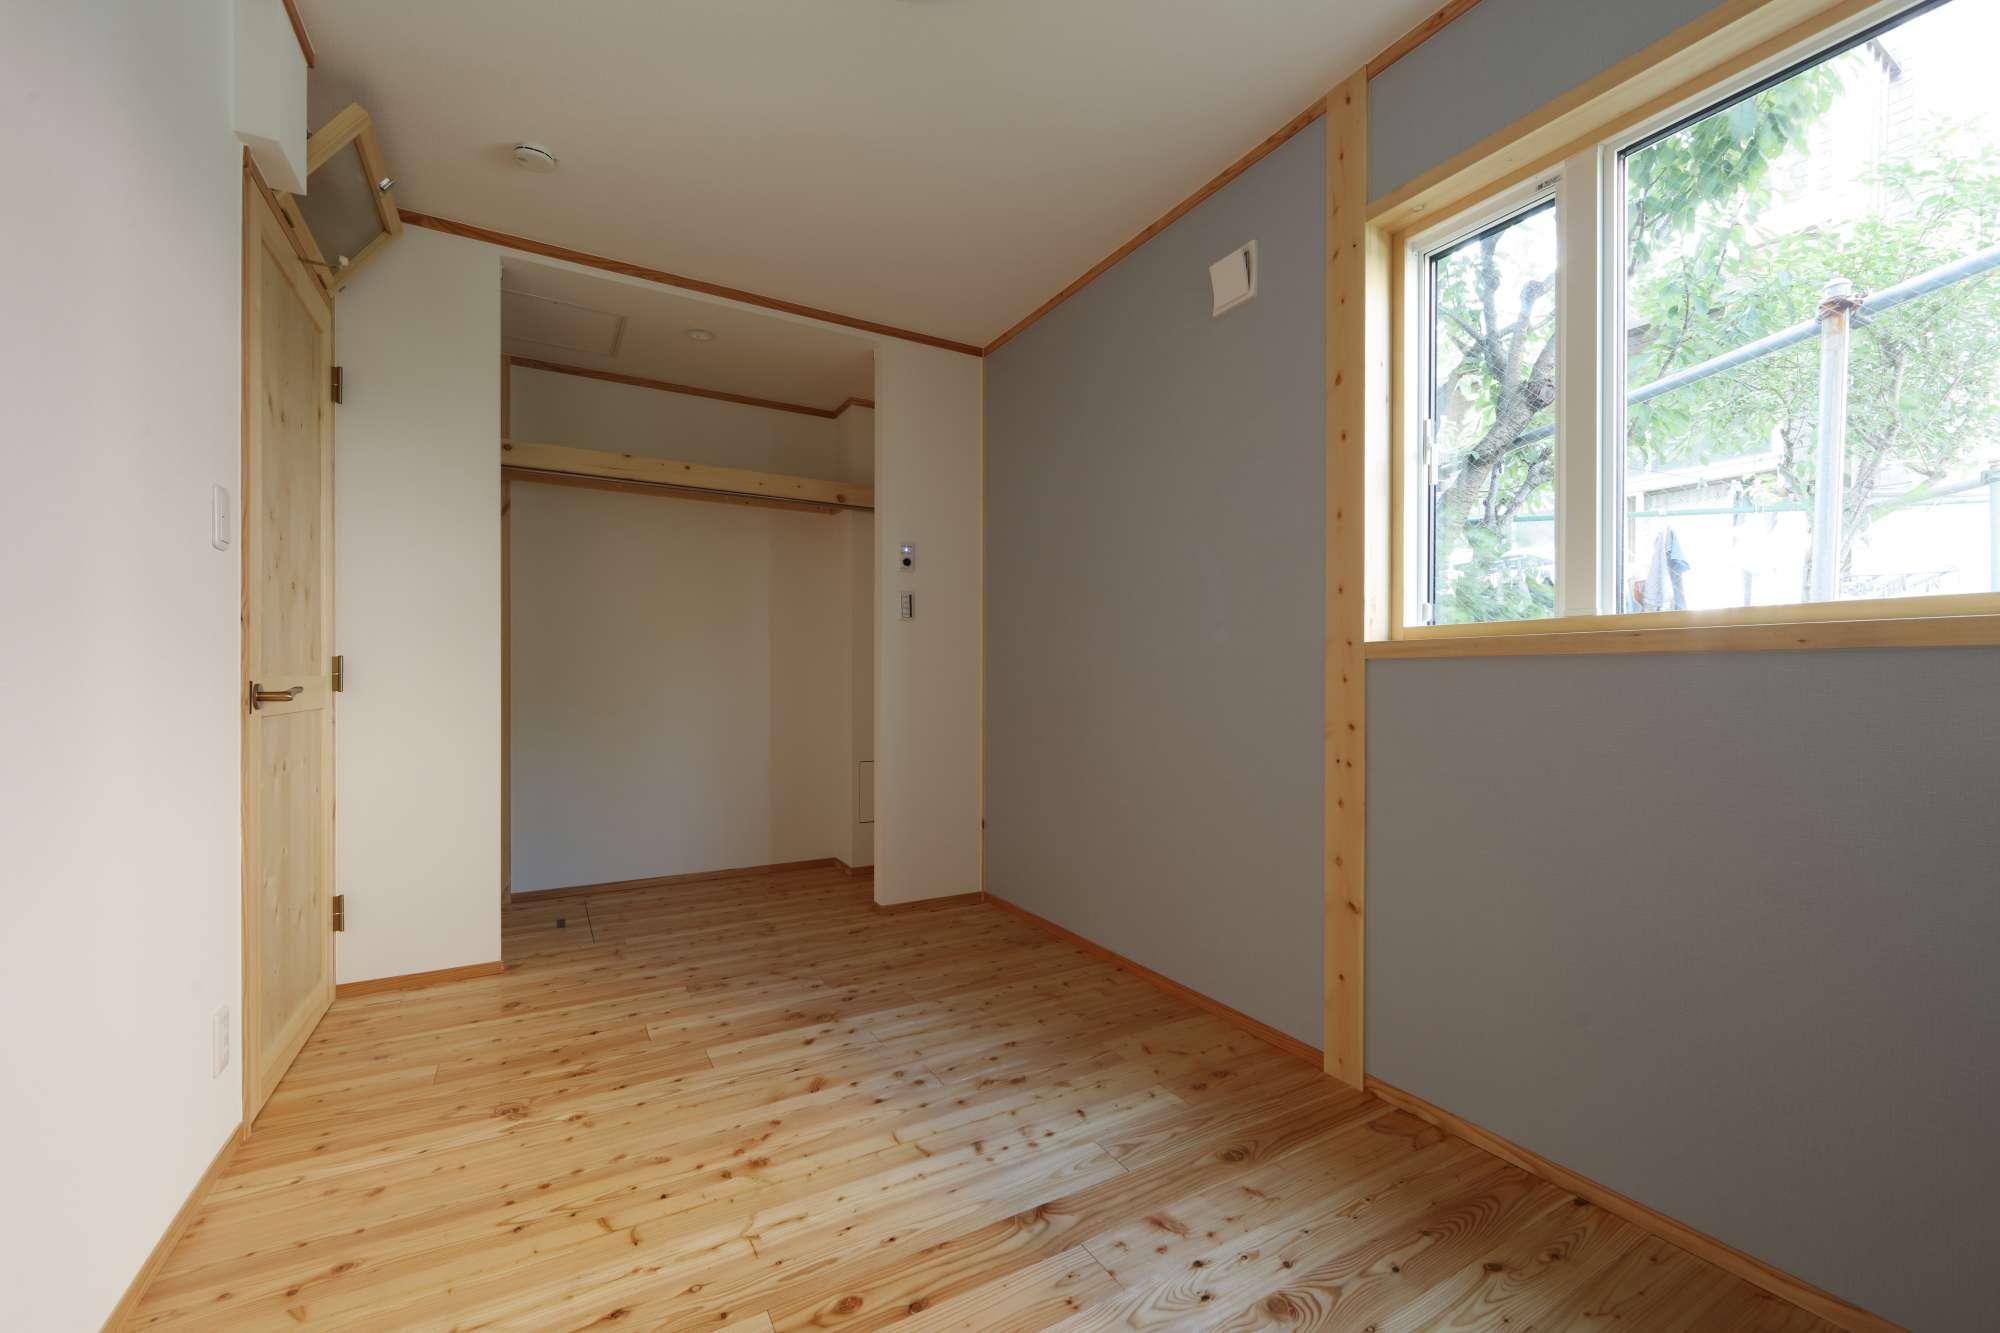 1階 収納スペース -  -  -